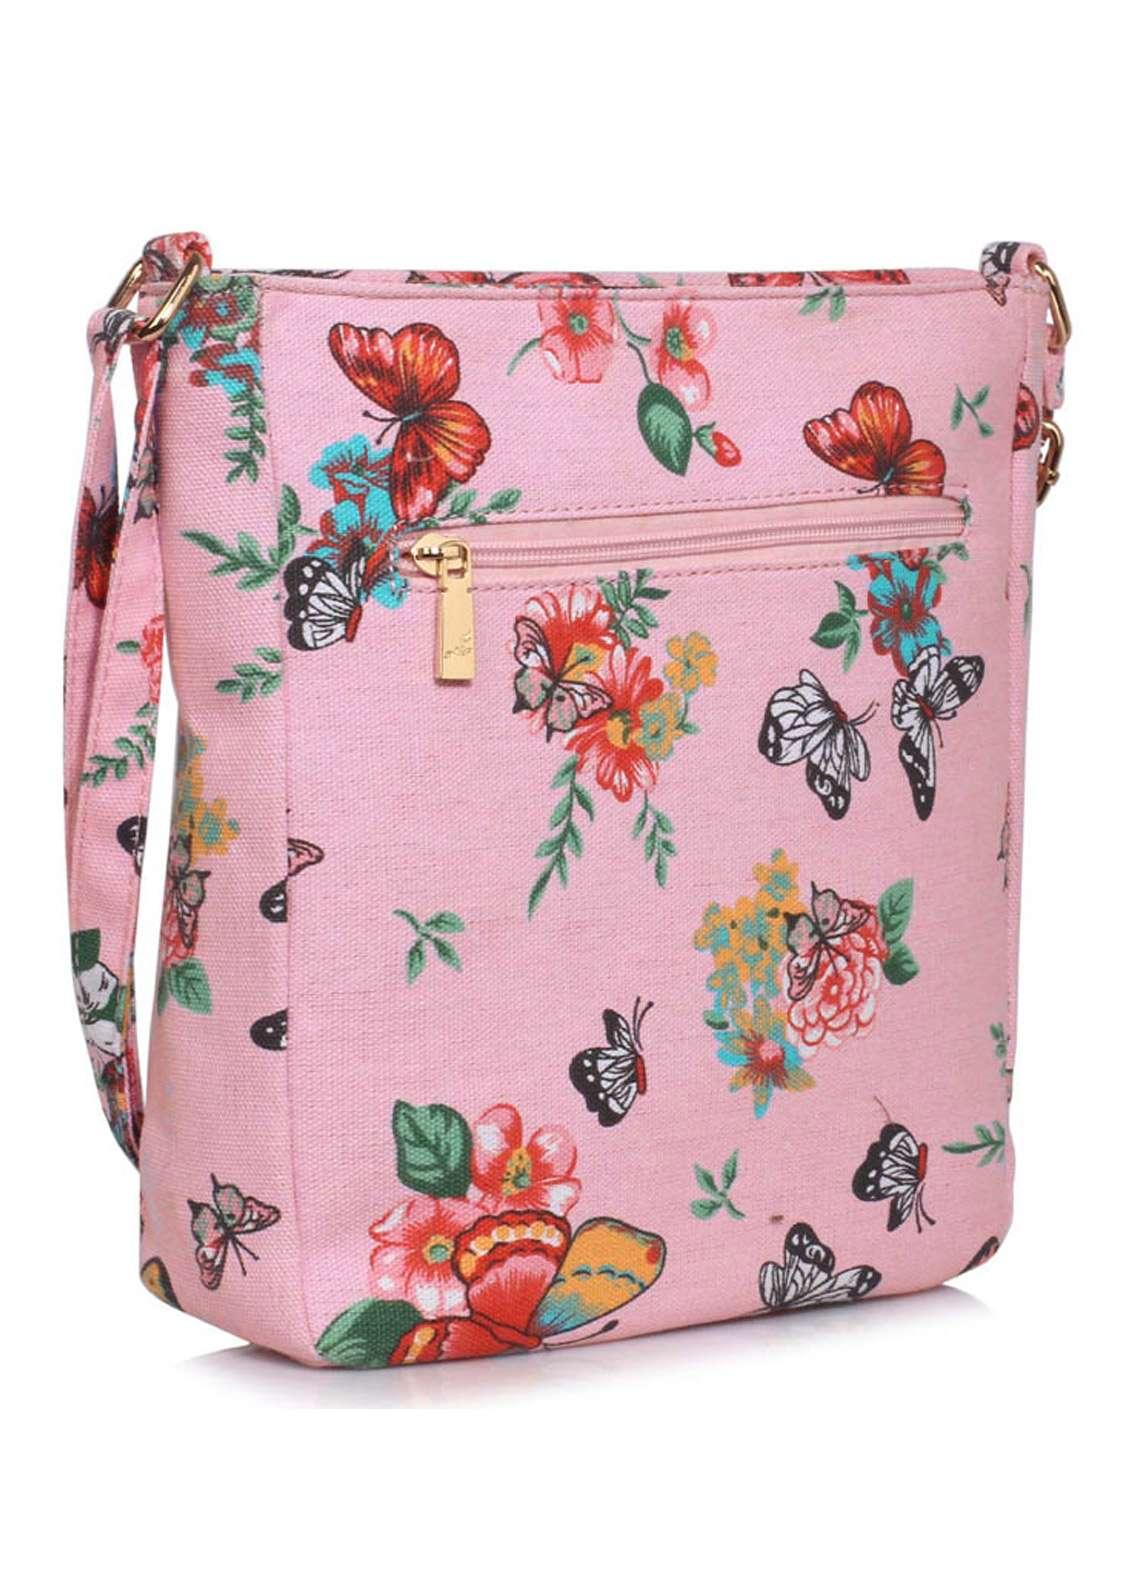 Leesun London Faux Leather Cross Body Bags for Women Pink